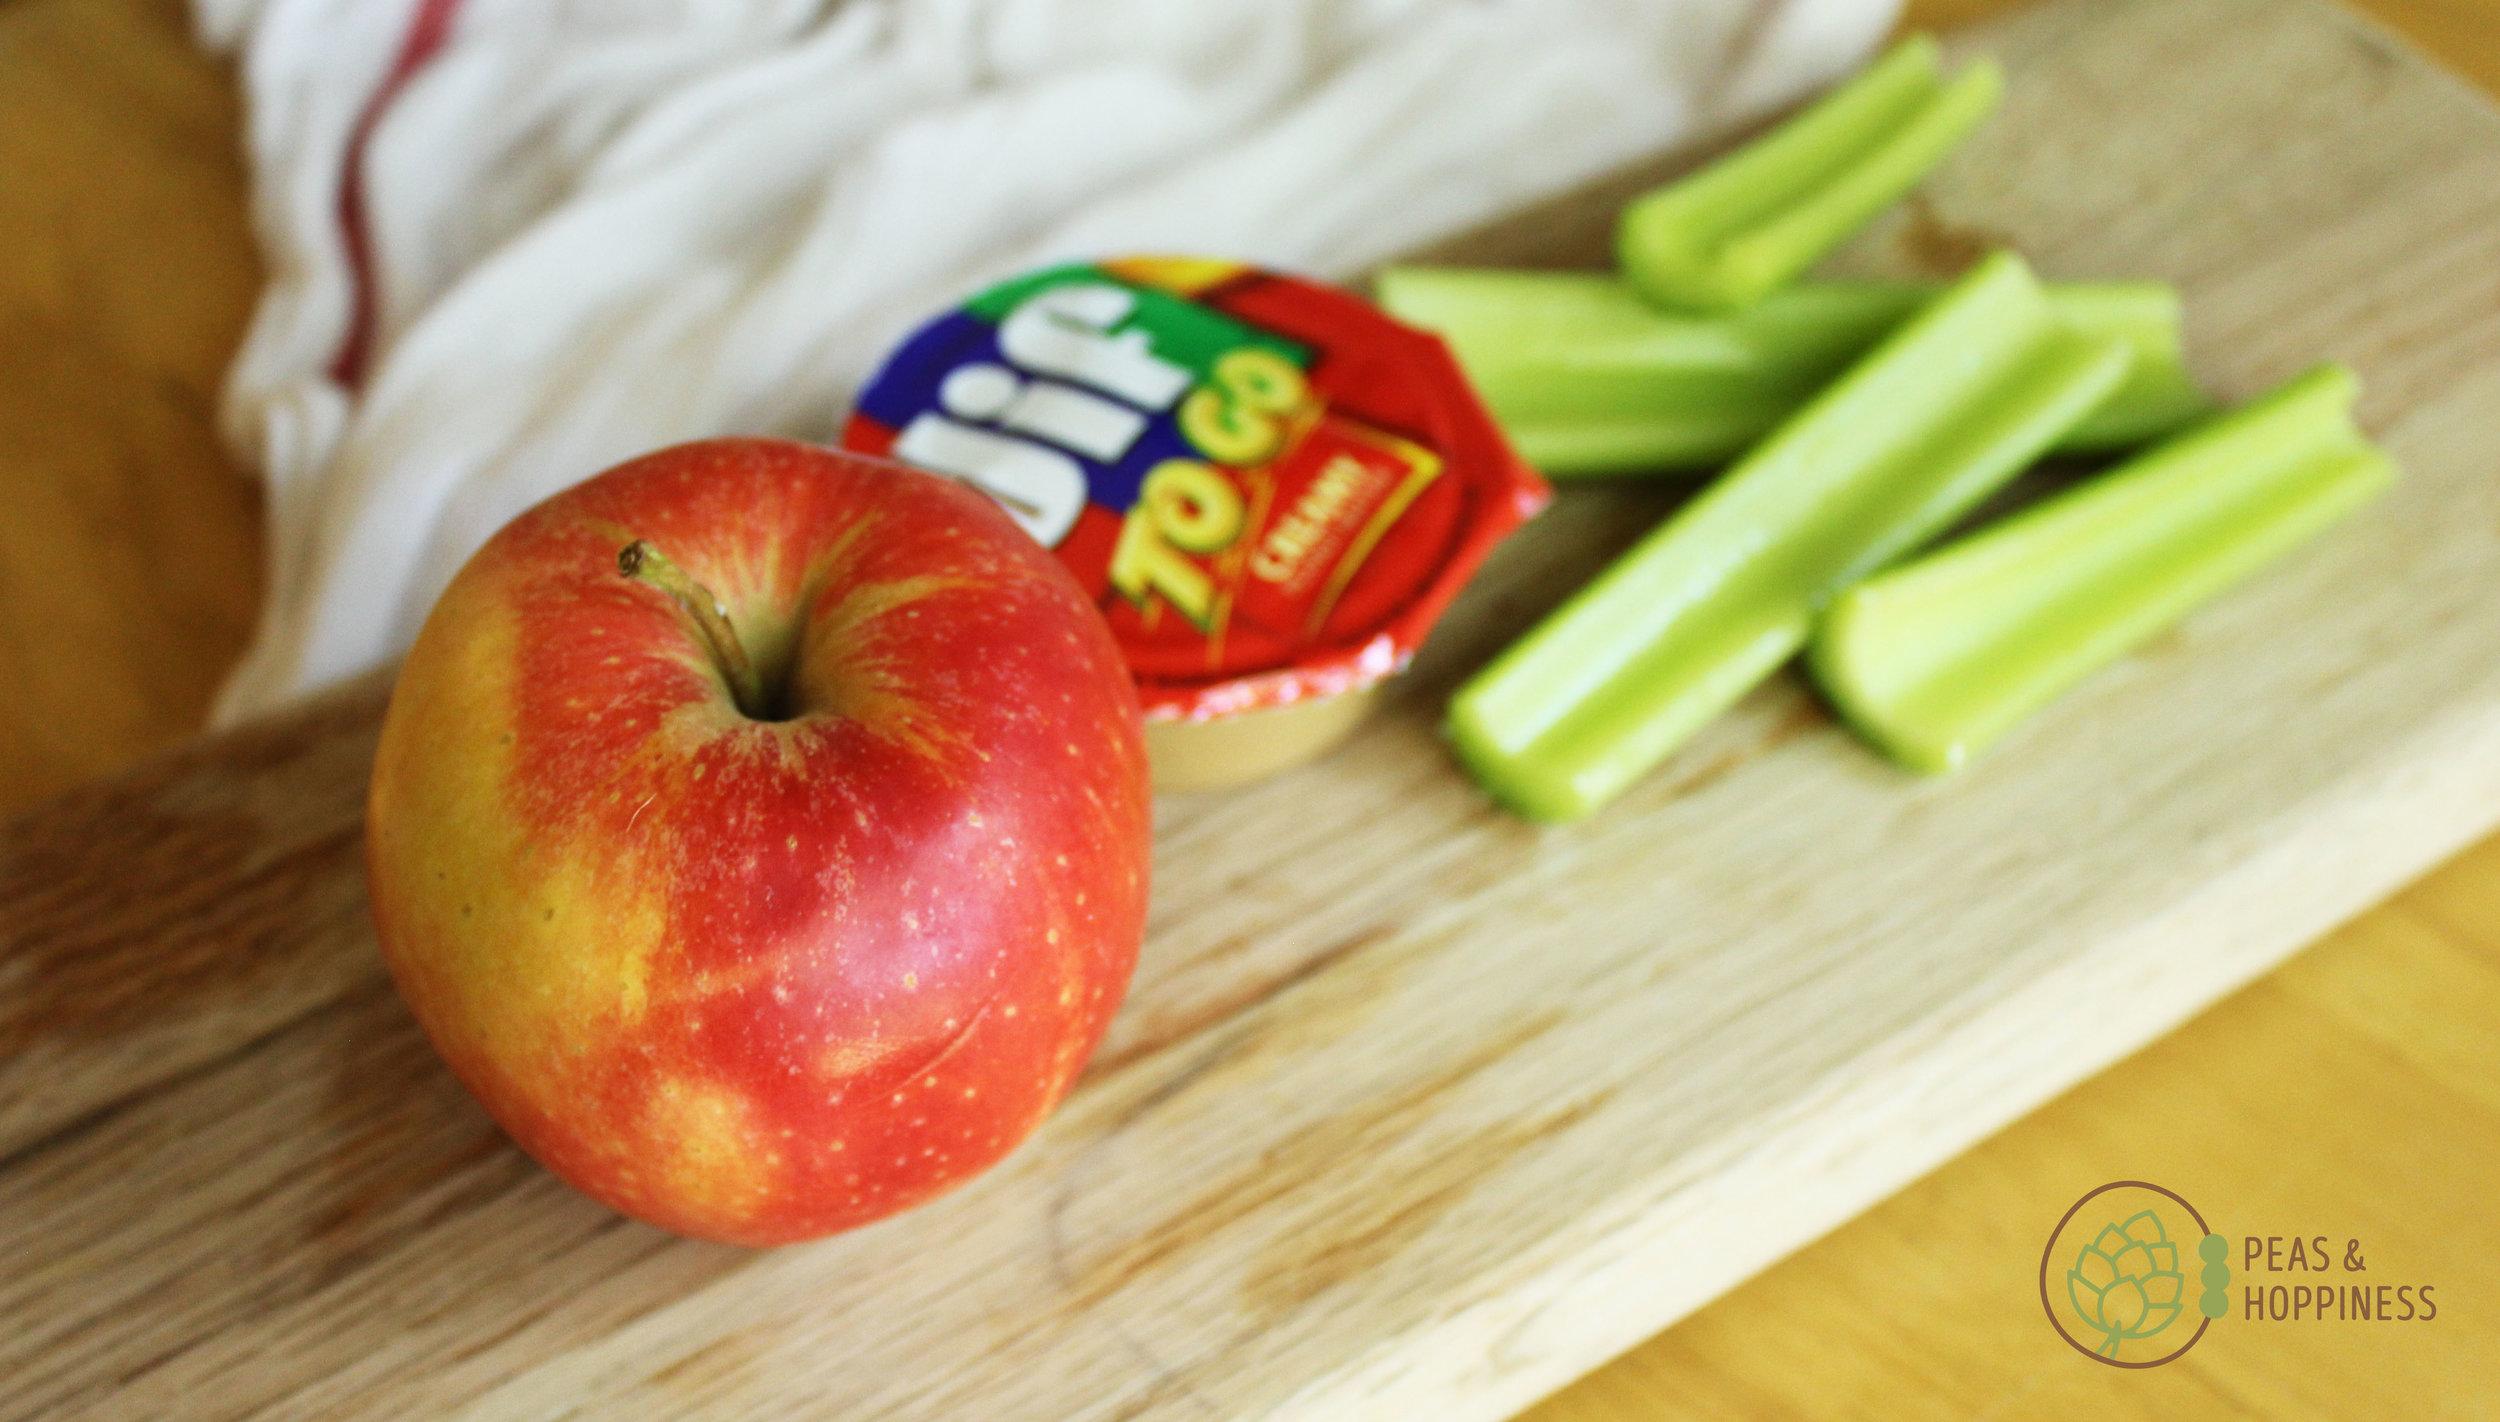 Lunch idea: peanut butter + apple + celery